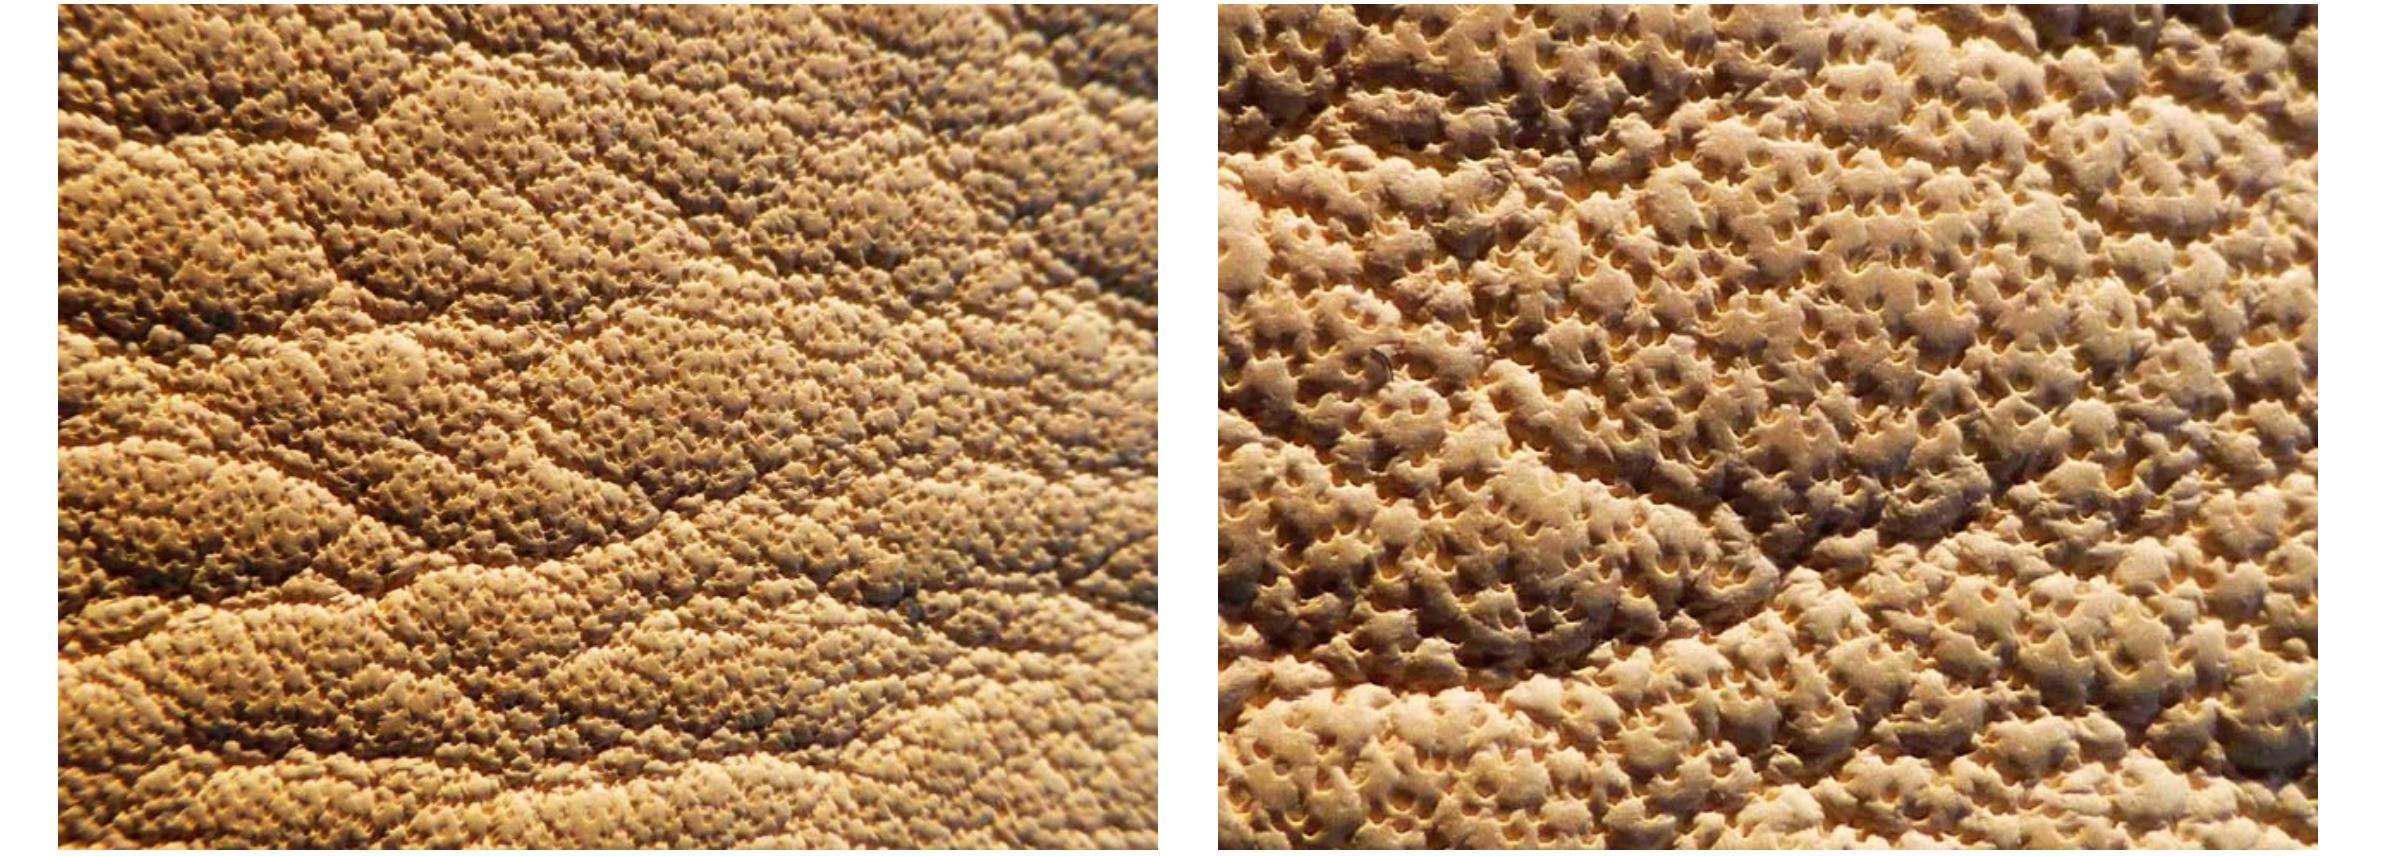 Un cuir aniline, les pores de la peau sont parfaitement visibles. (source colourlock)